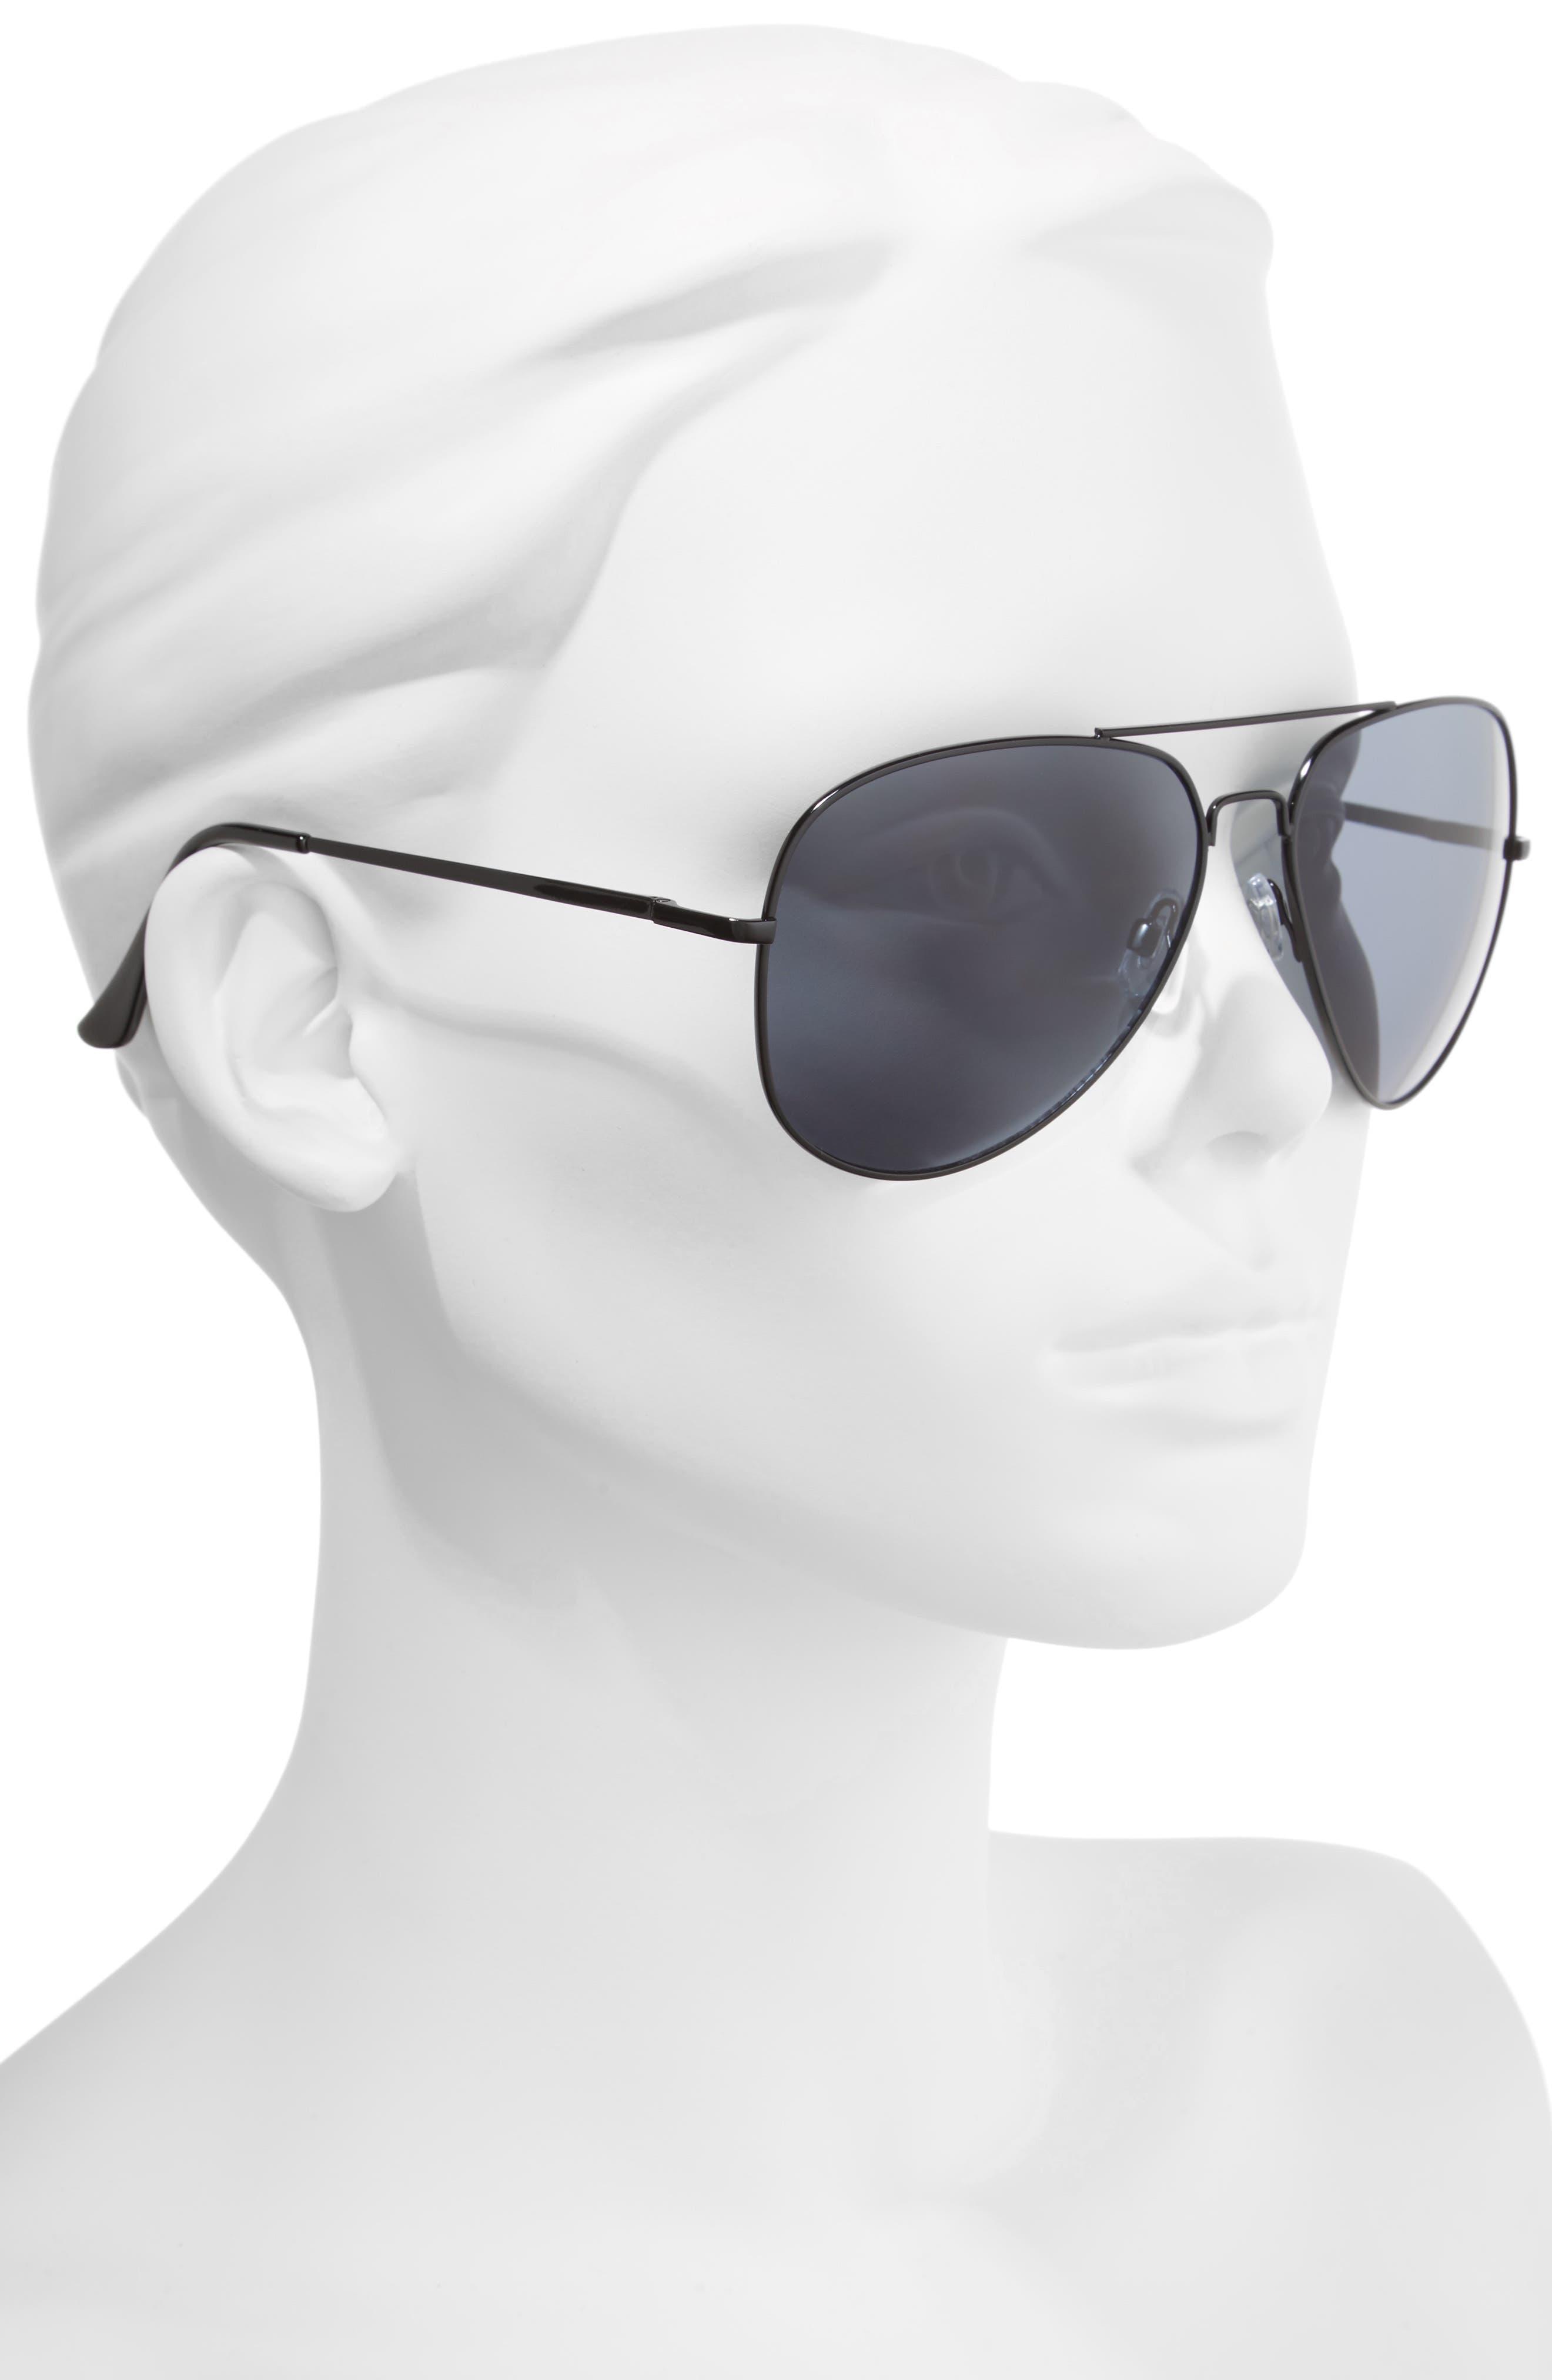 60mm Large Aviator Sunglasses,                             Alternate thumbnail 2, color,                             Black/ Black